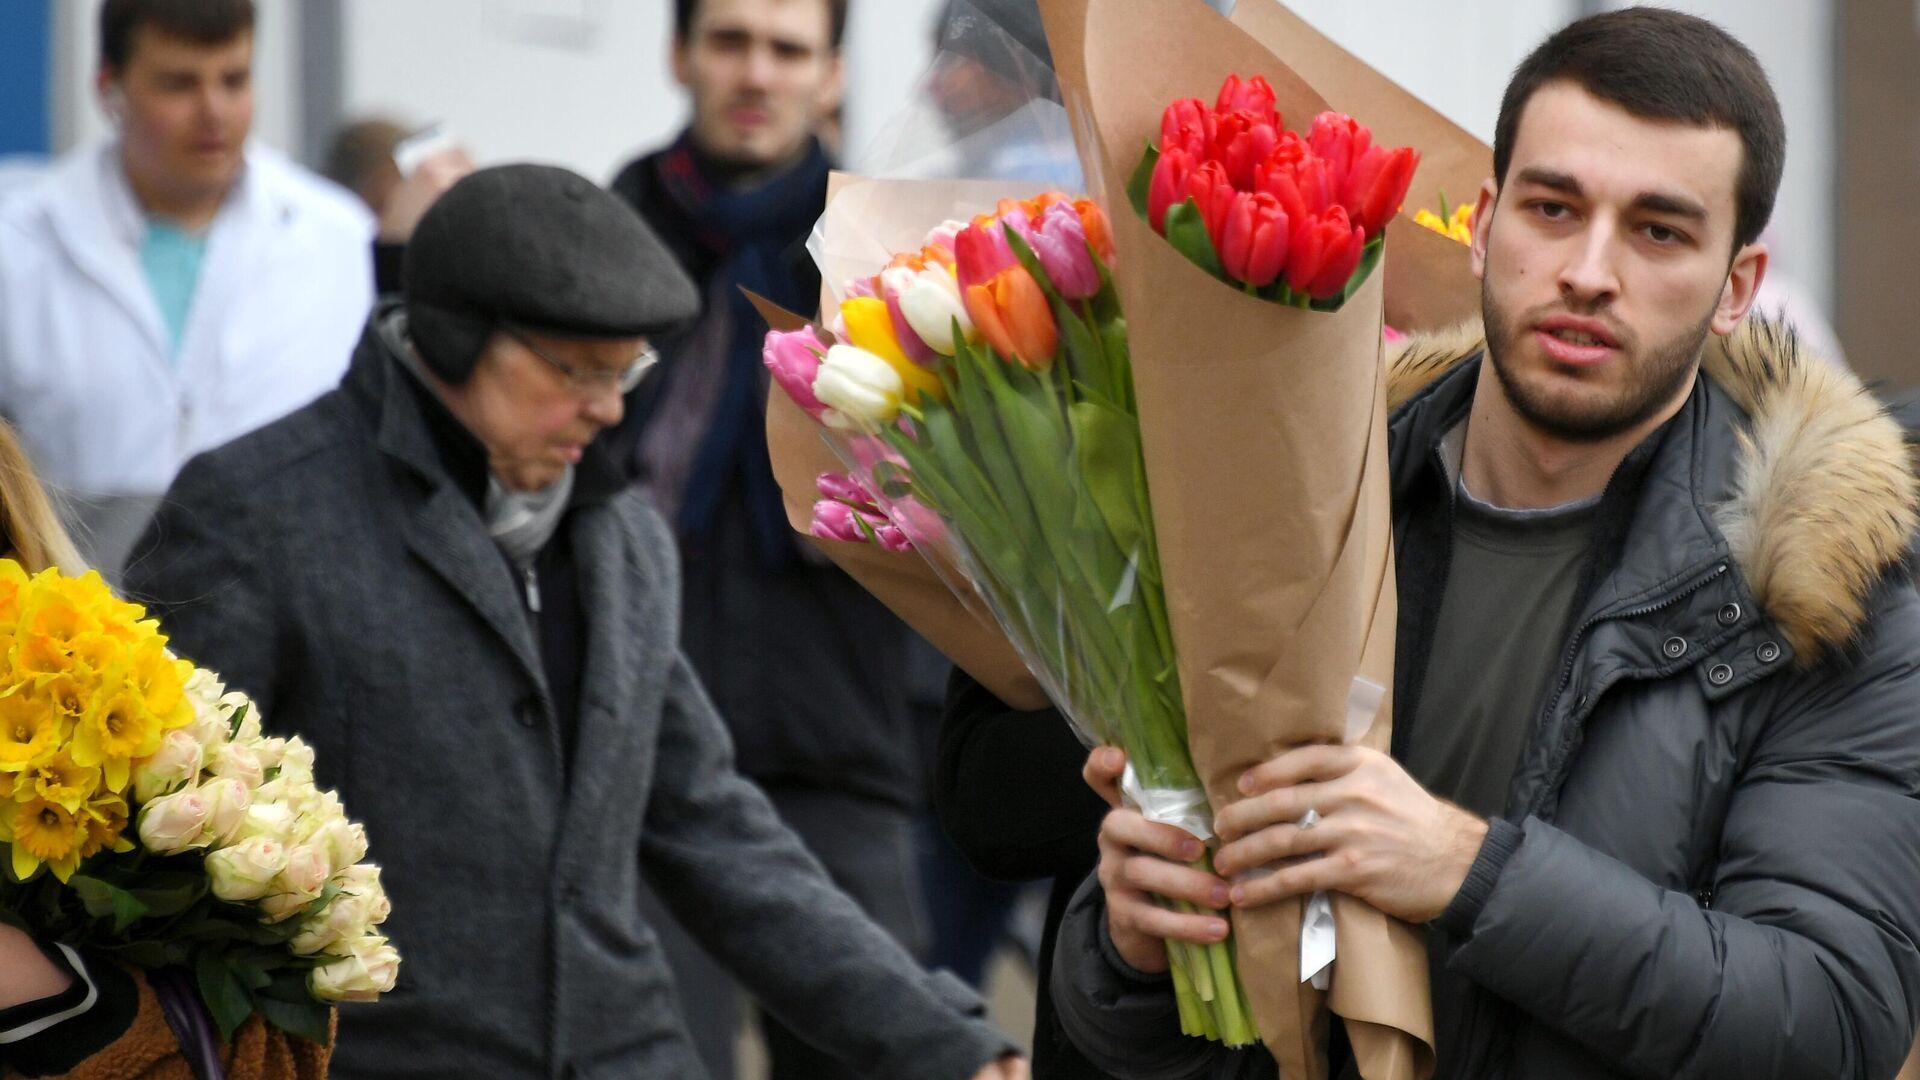 Покупатель с цветами на Рижском рынке в Москве - РИА Новости, 1920, 01.03.2021